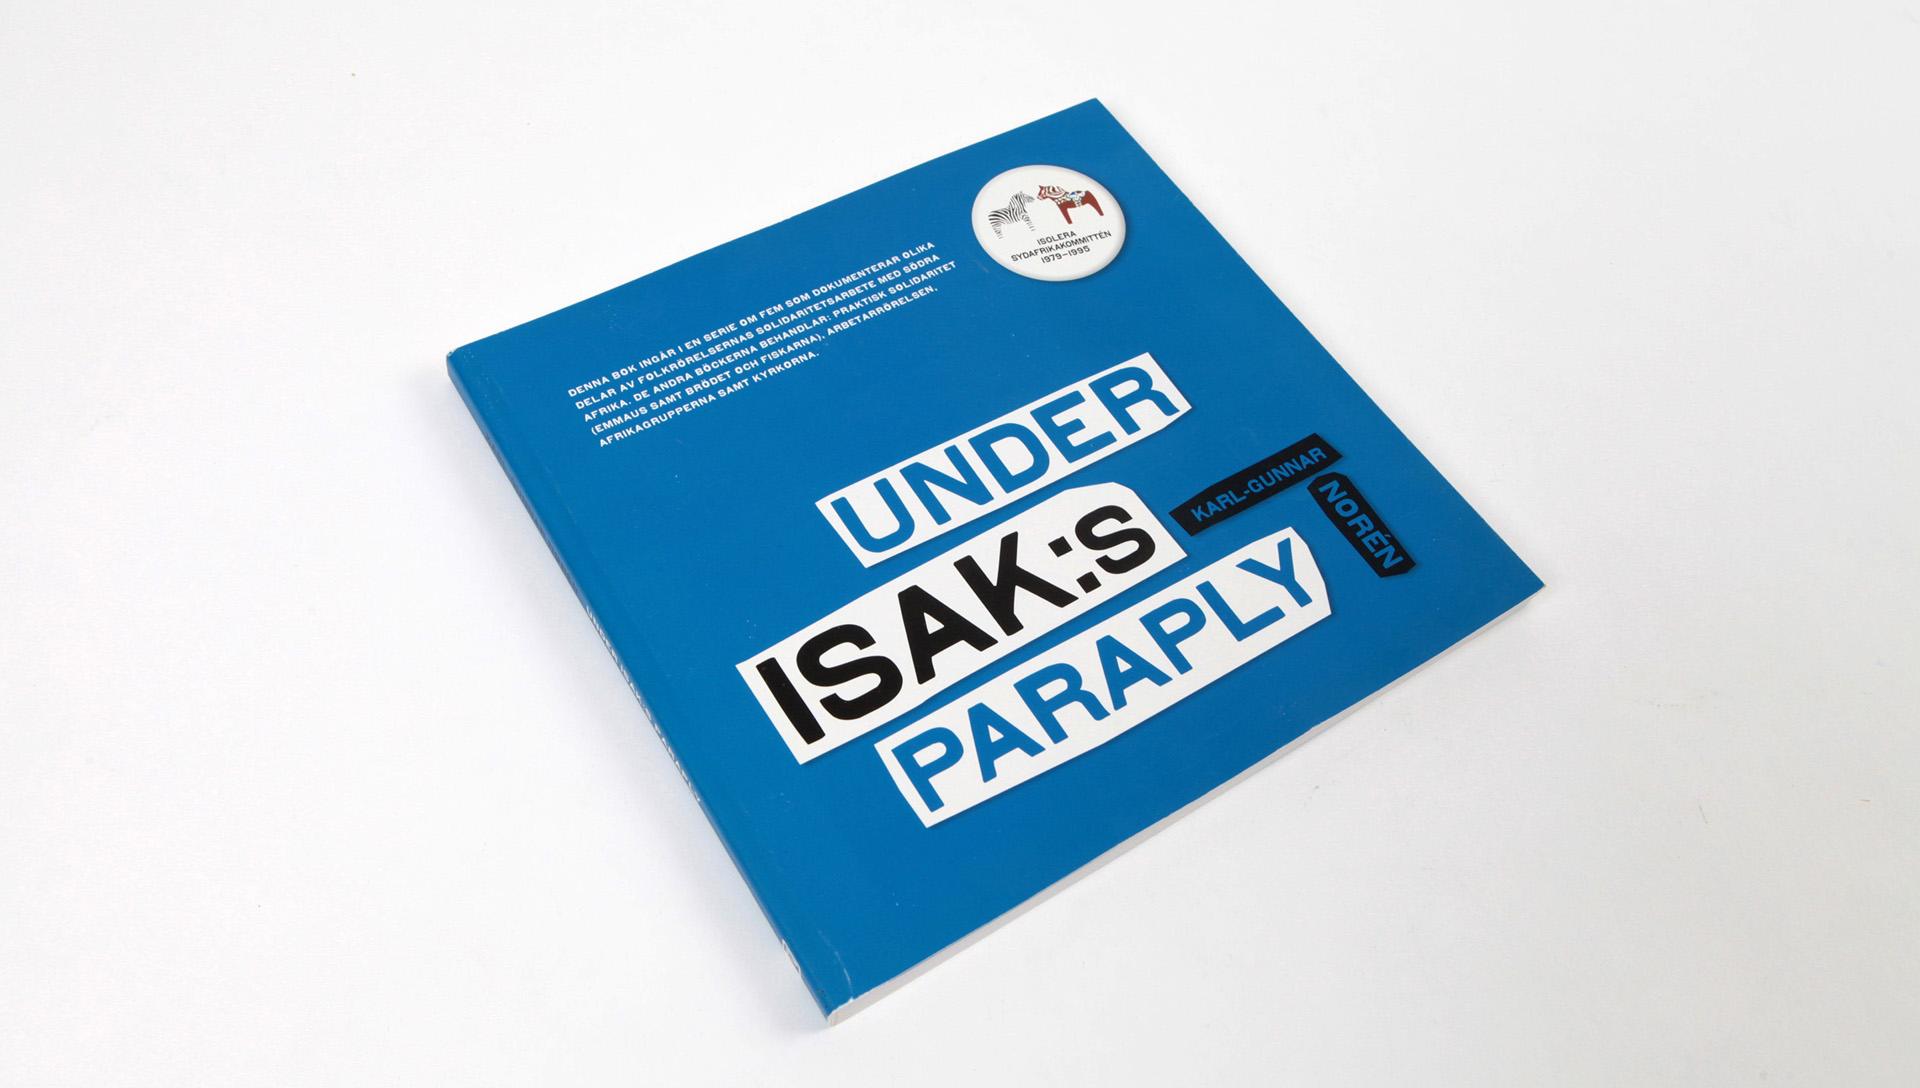 Under ISAKs1